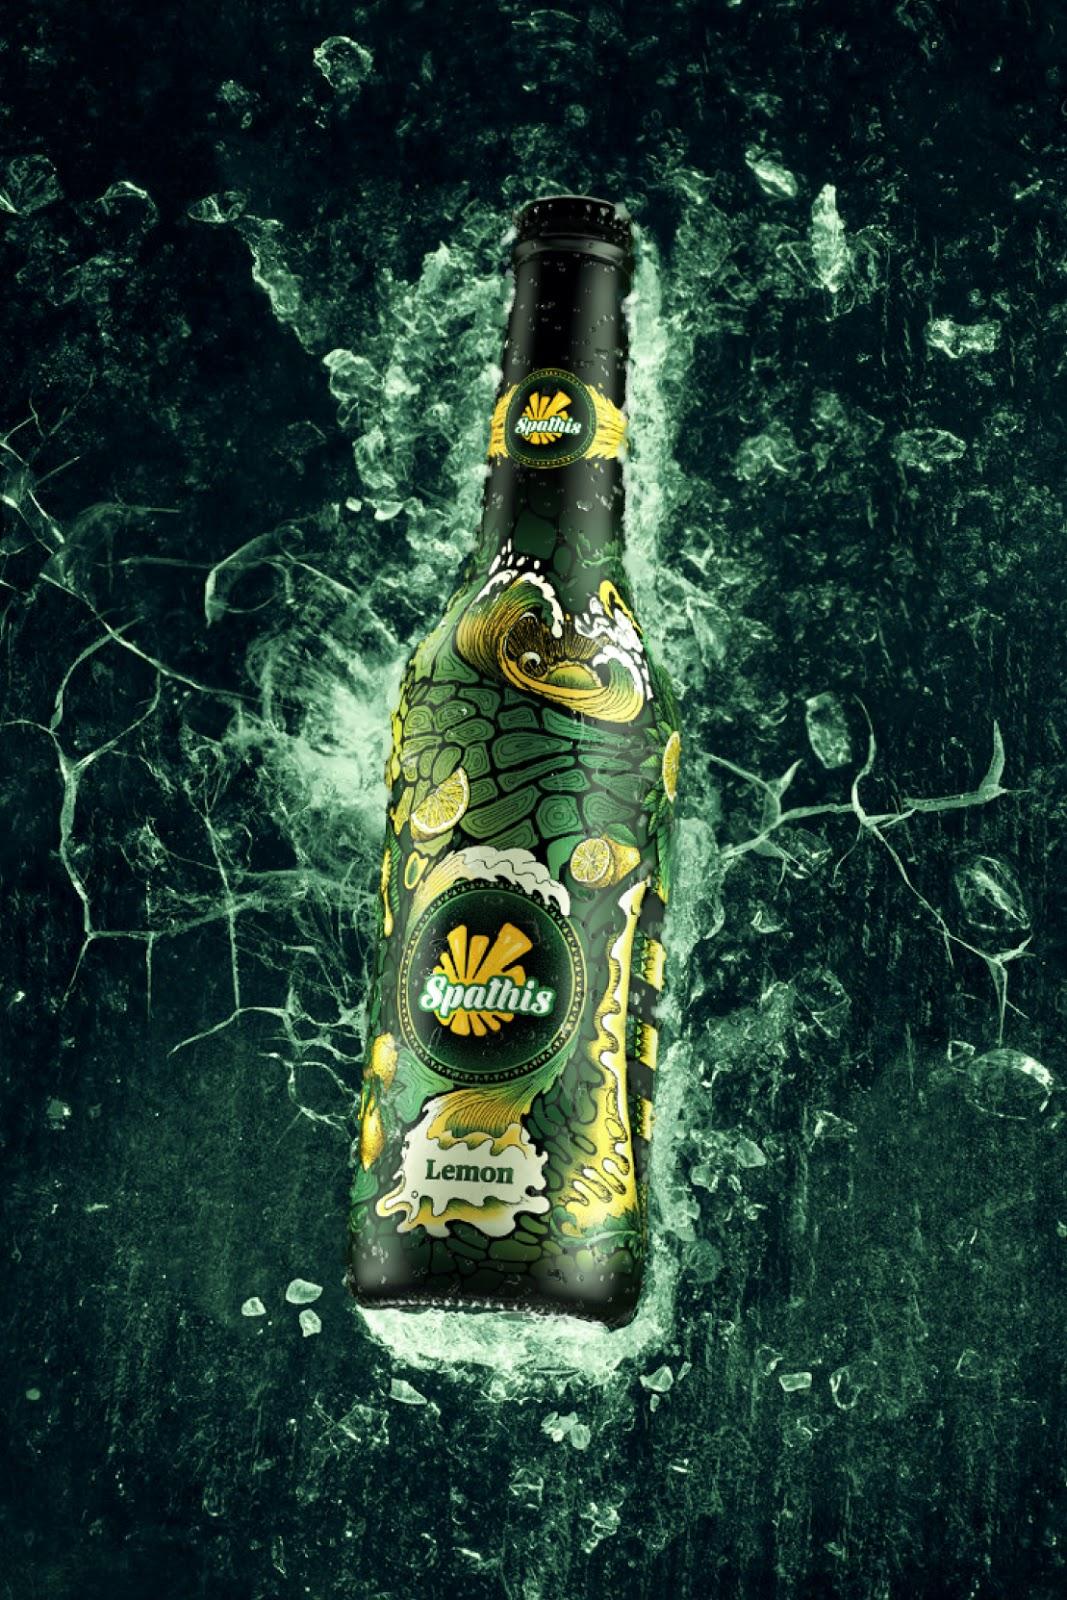 老品牌新包装&饮料包装设计